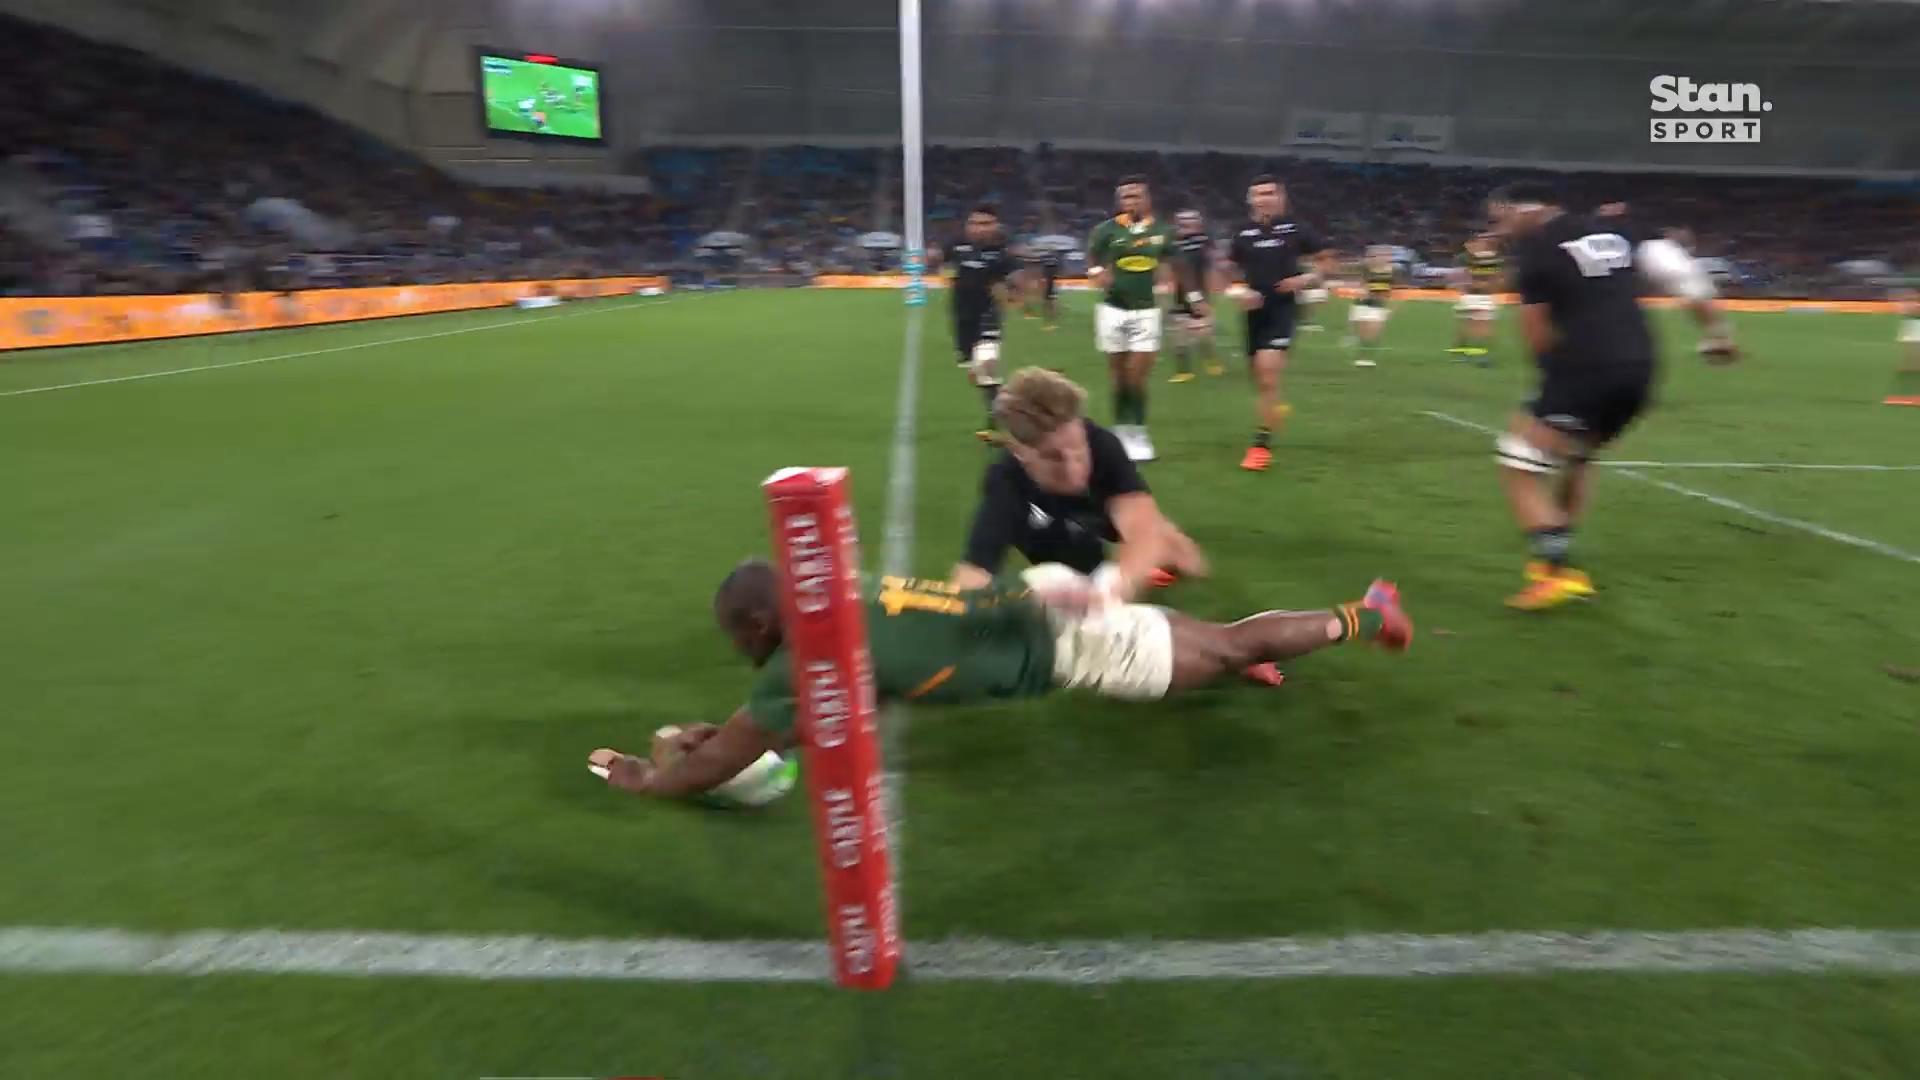 Springboks regain lead in epic Test